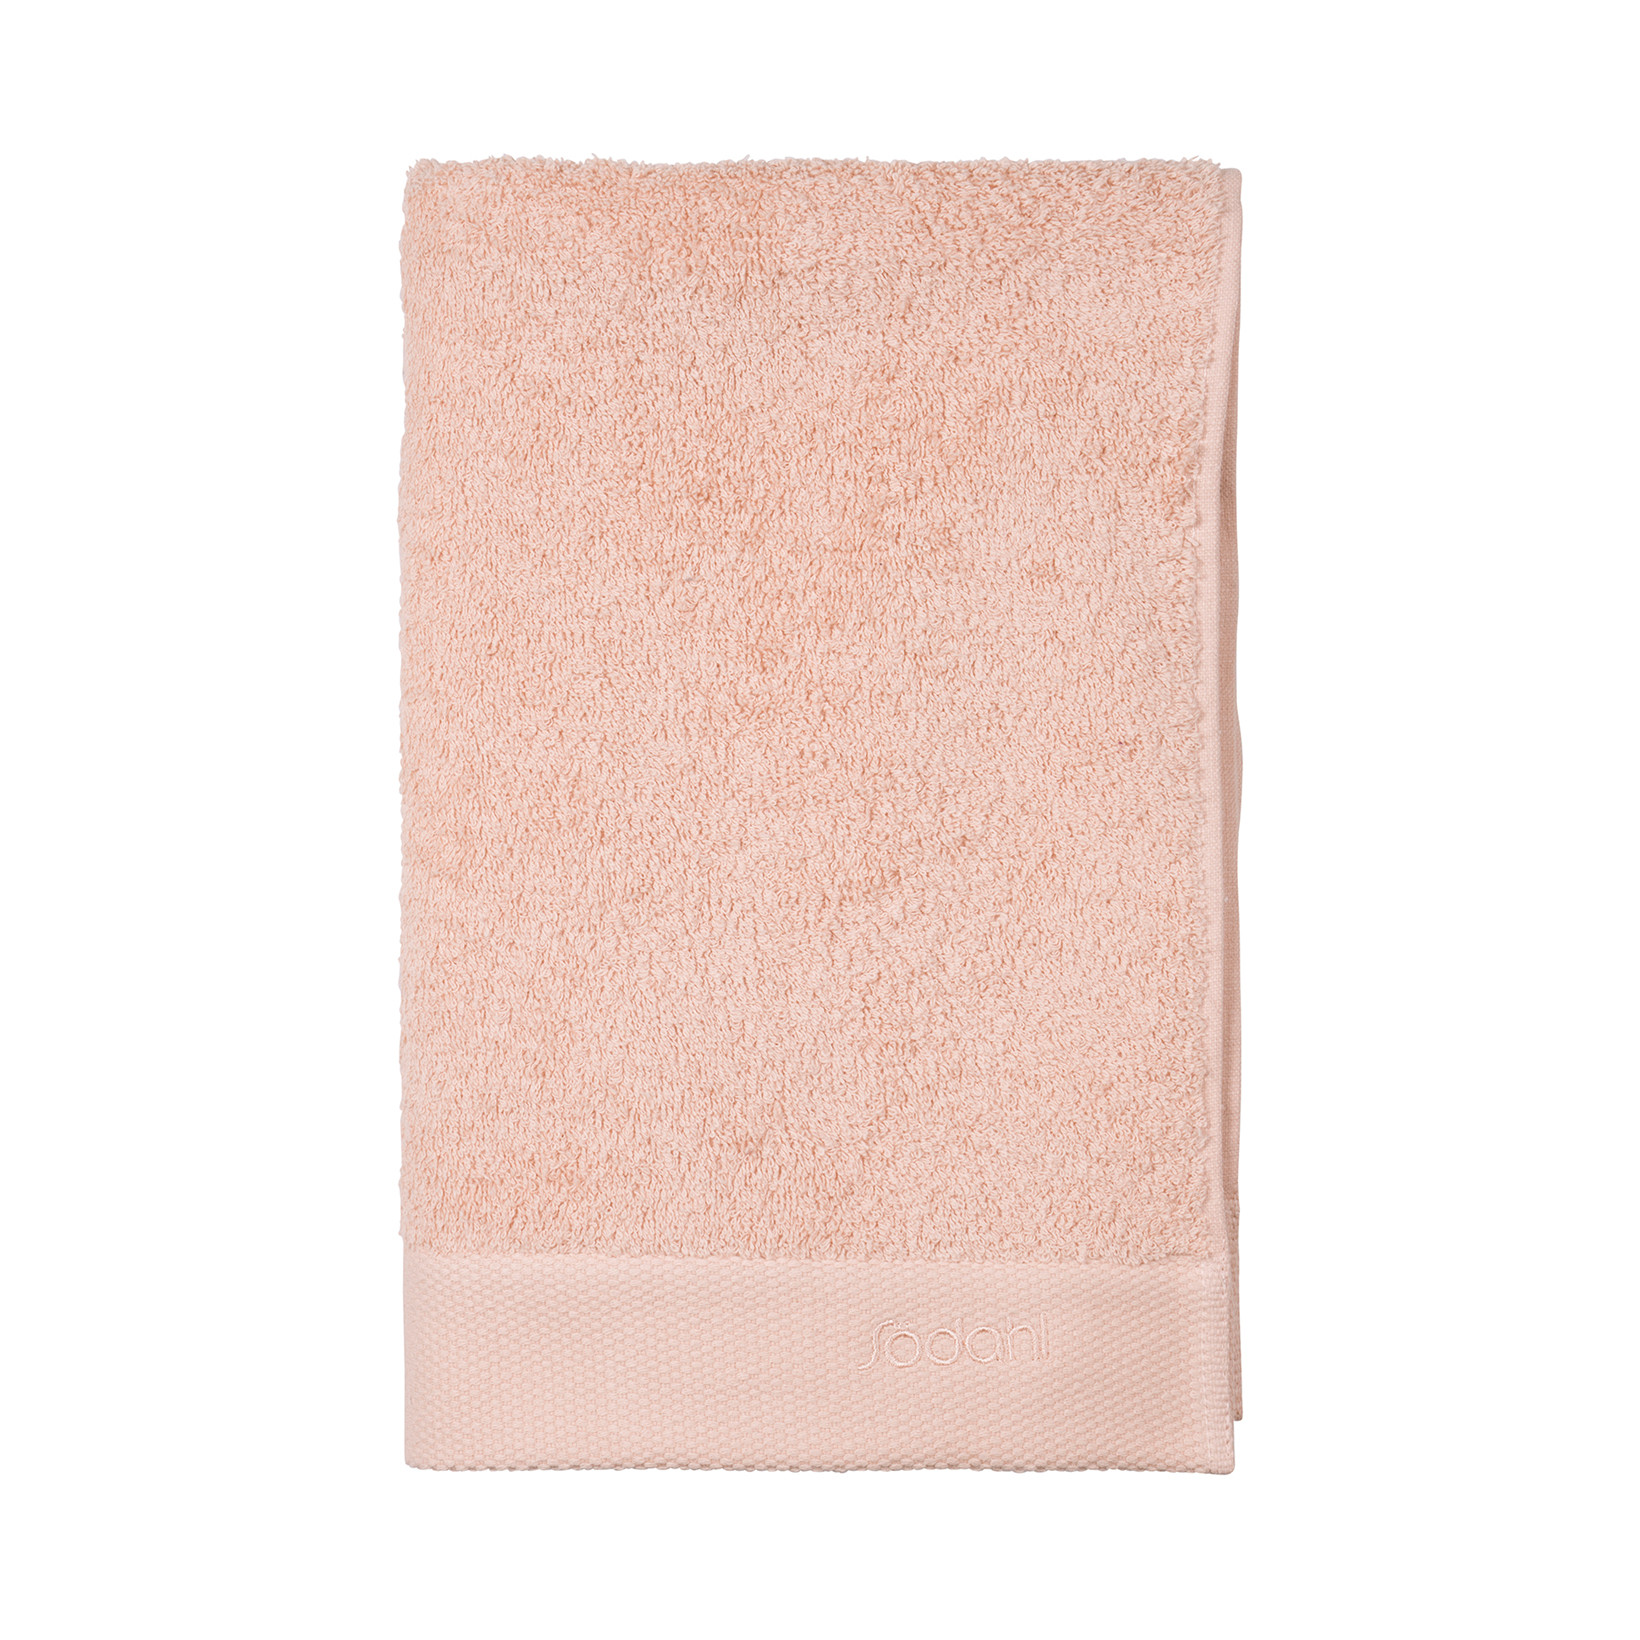 67d13a2ea95 SÖDAHL Comfort håndklæde 70x140 cm nude